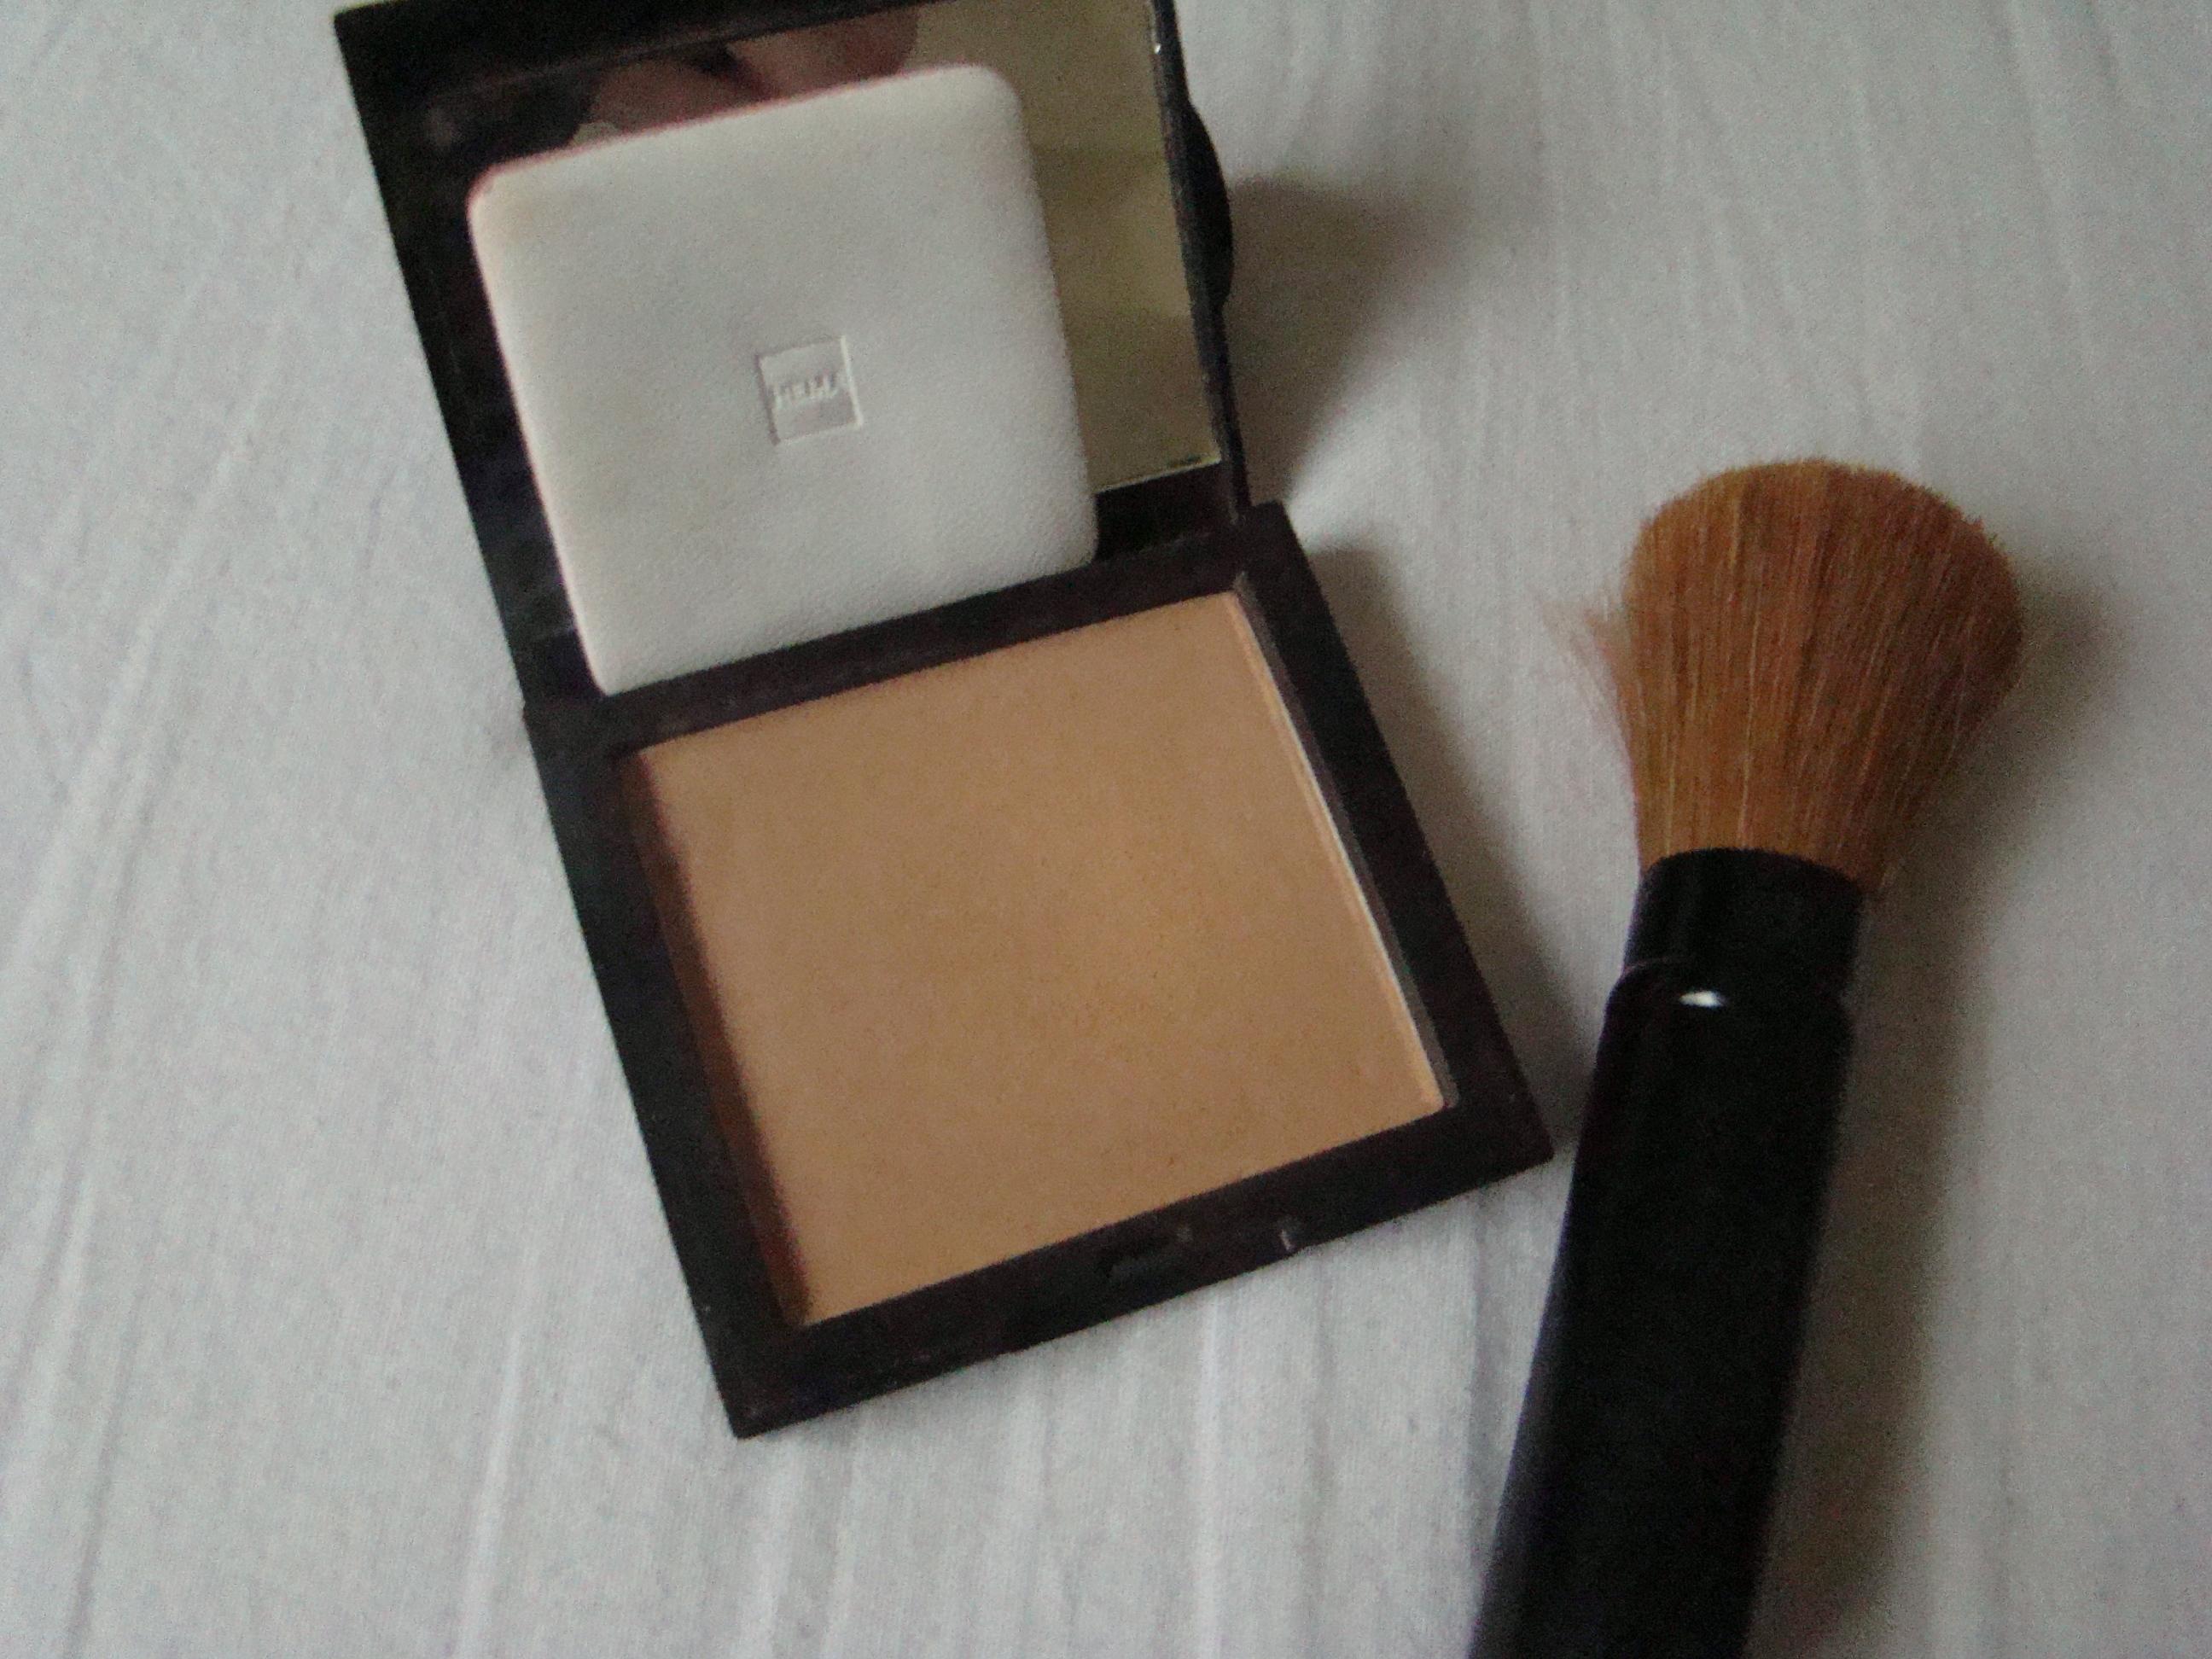 Maquillage des yeux : choisir et appliquer sa poudre